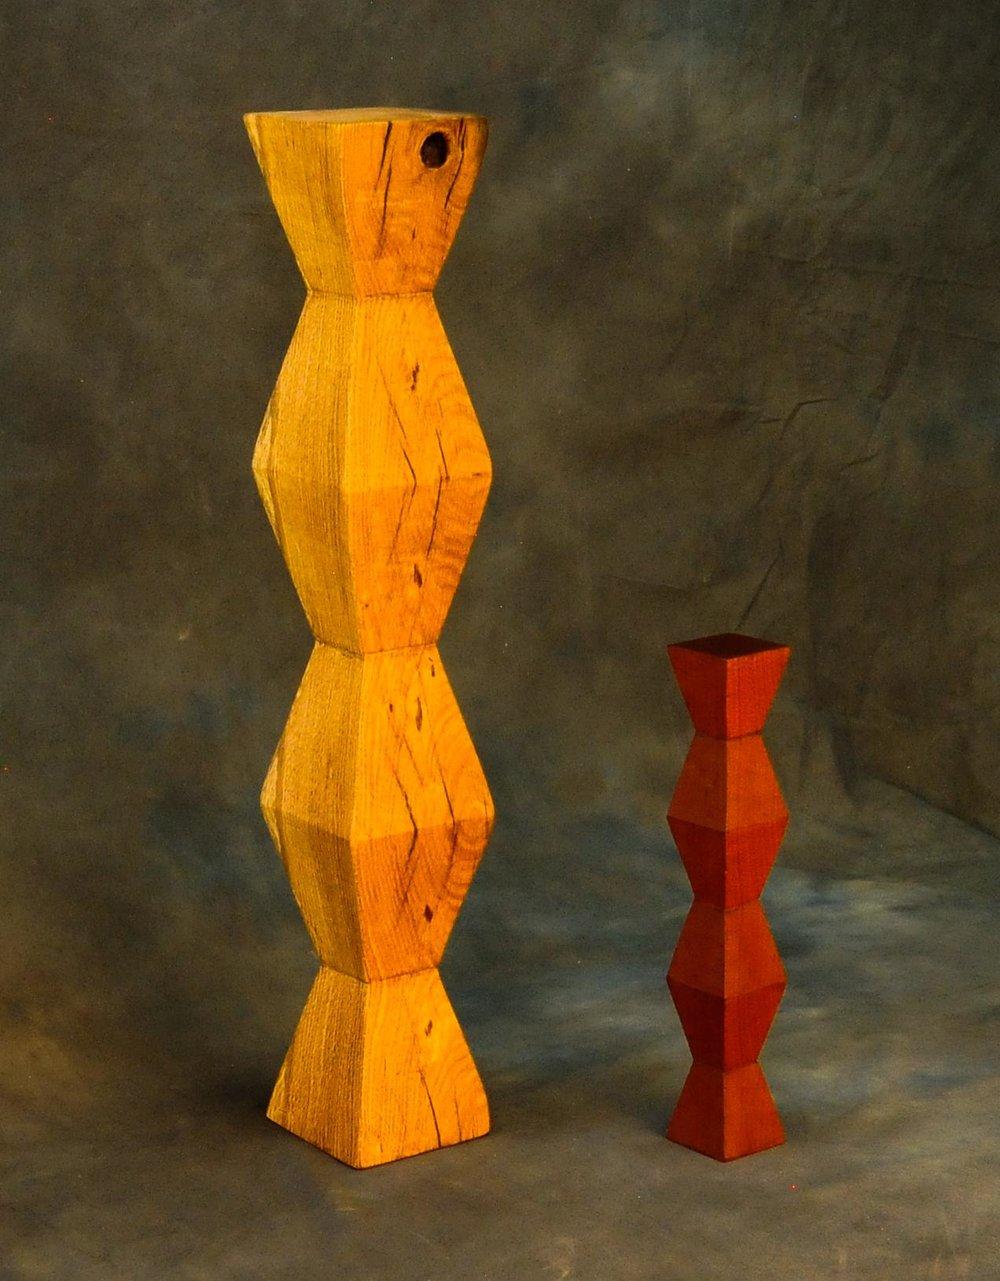 - Medium Column   Small Column (12x2) $600